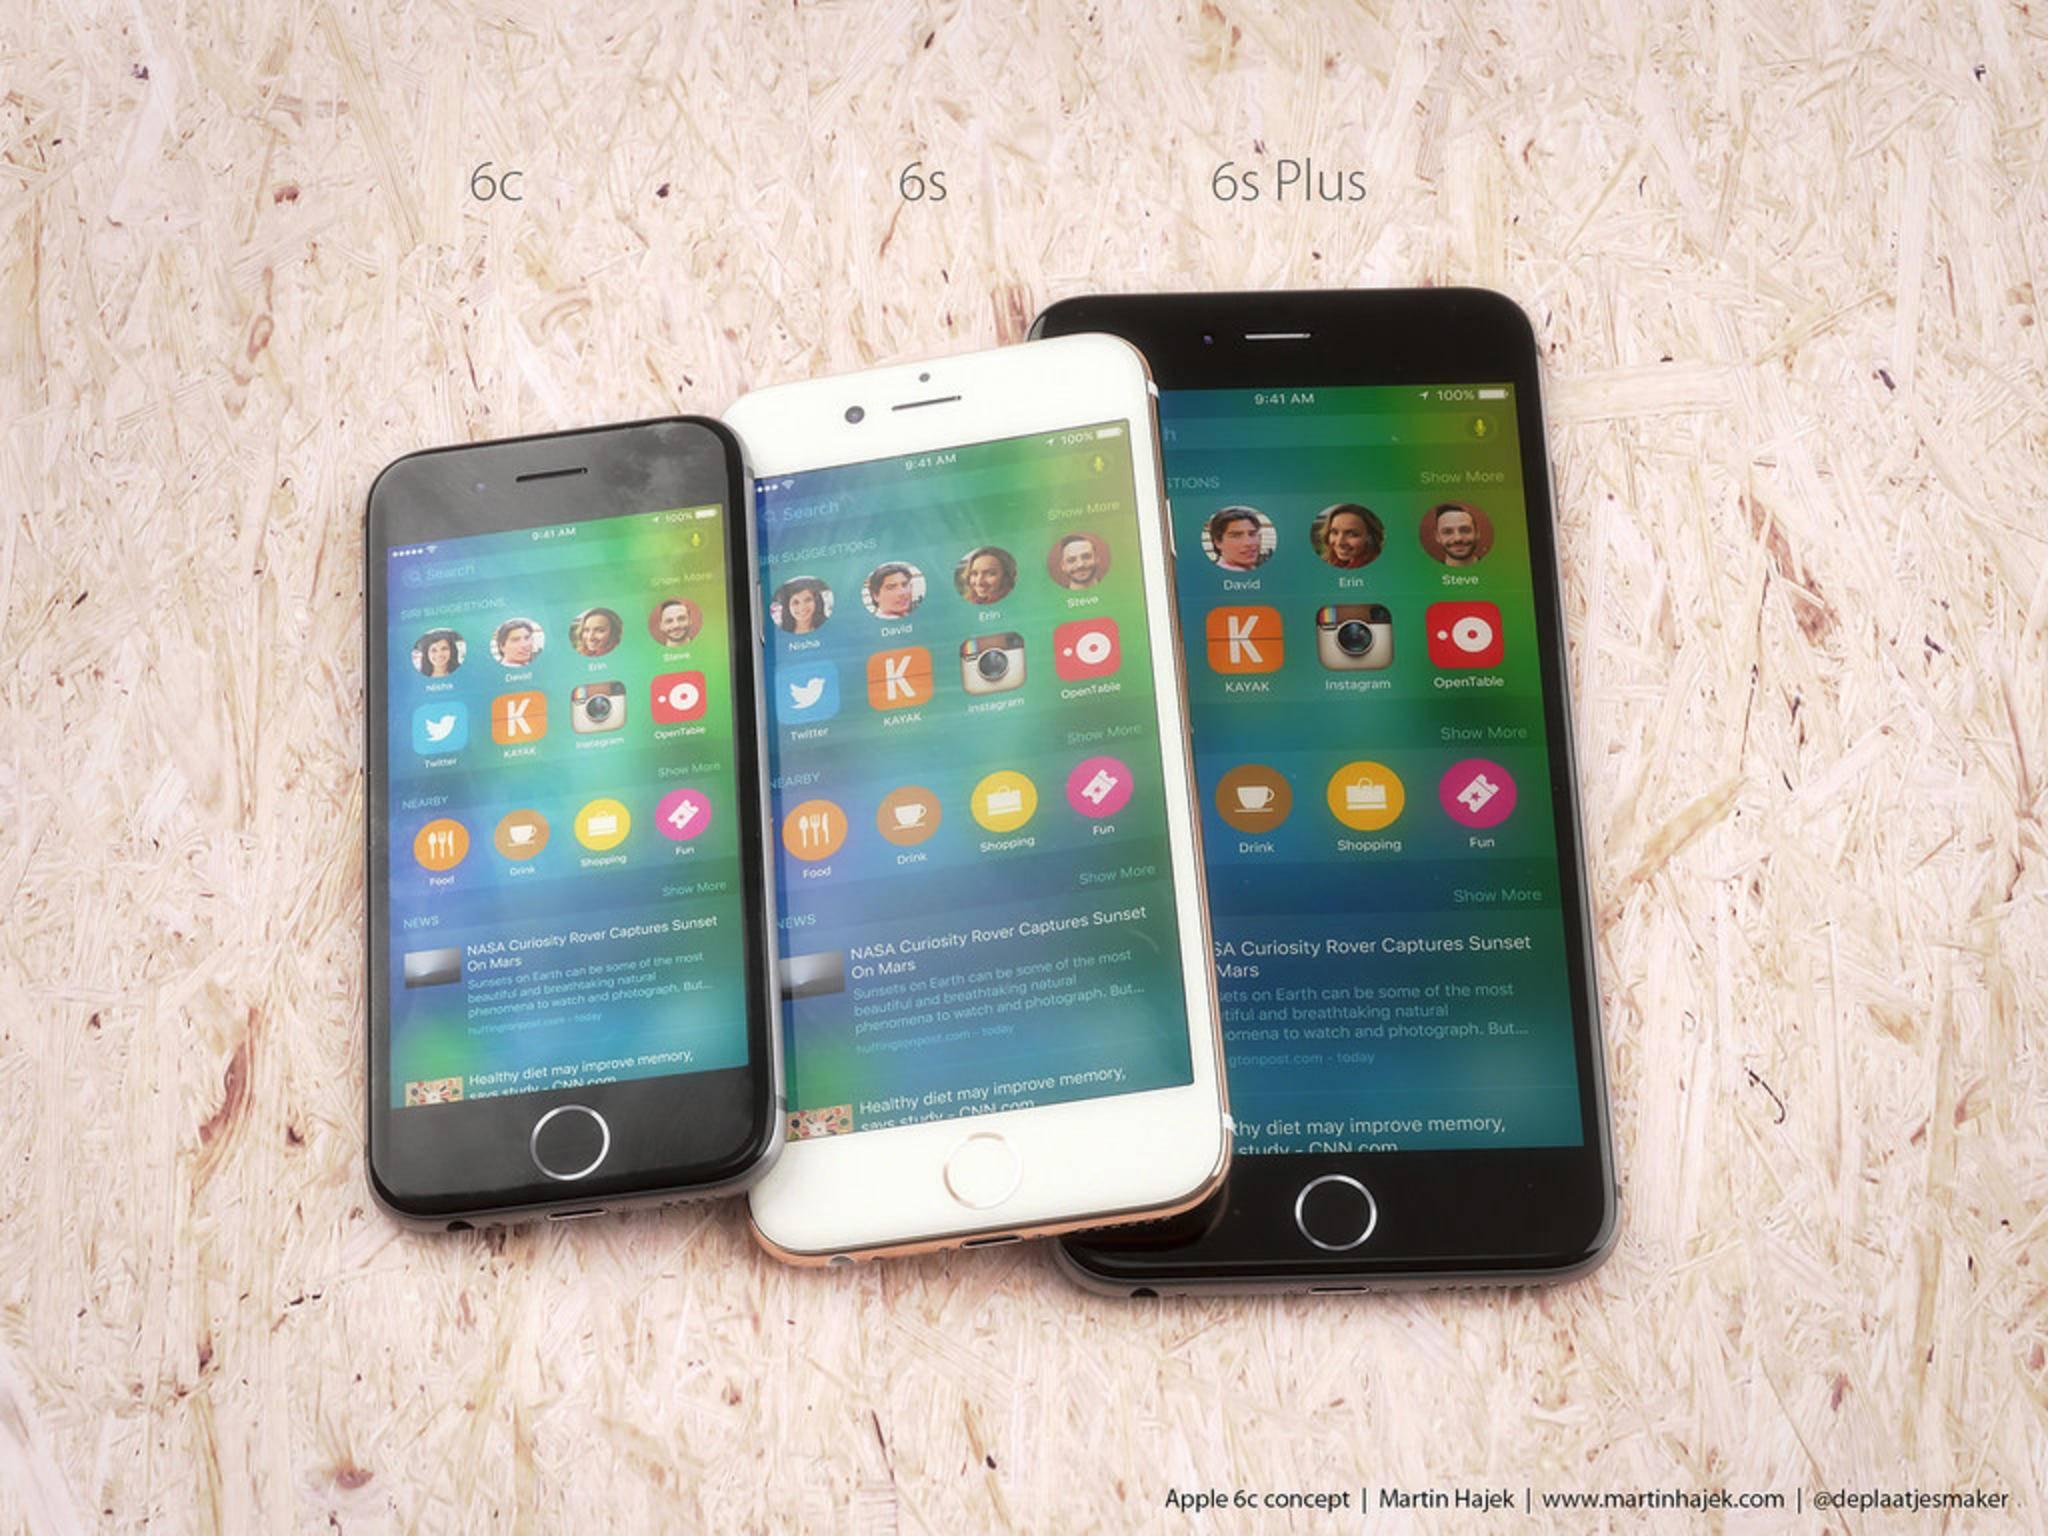 Erscheint das iPhone 6c mit 4 Zoll schon bald?